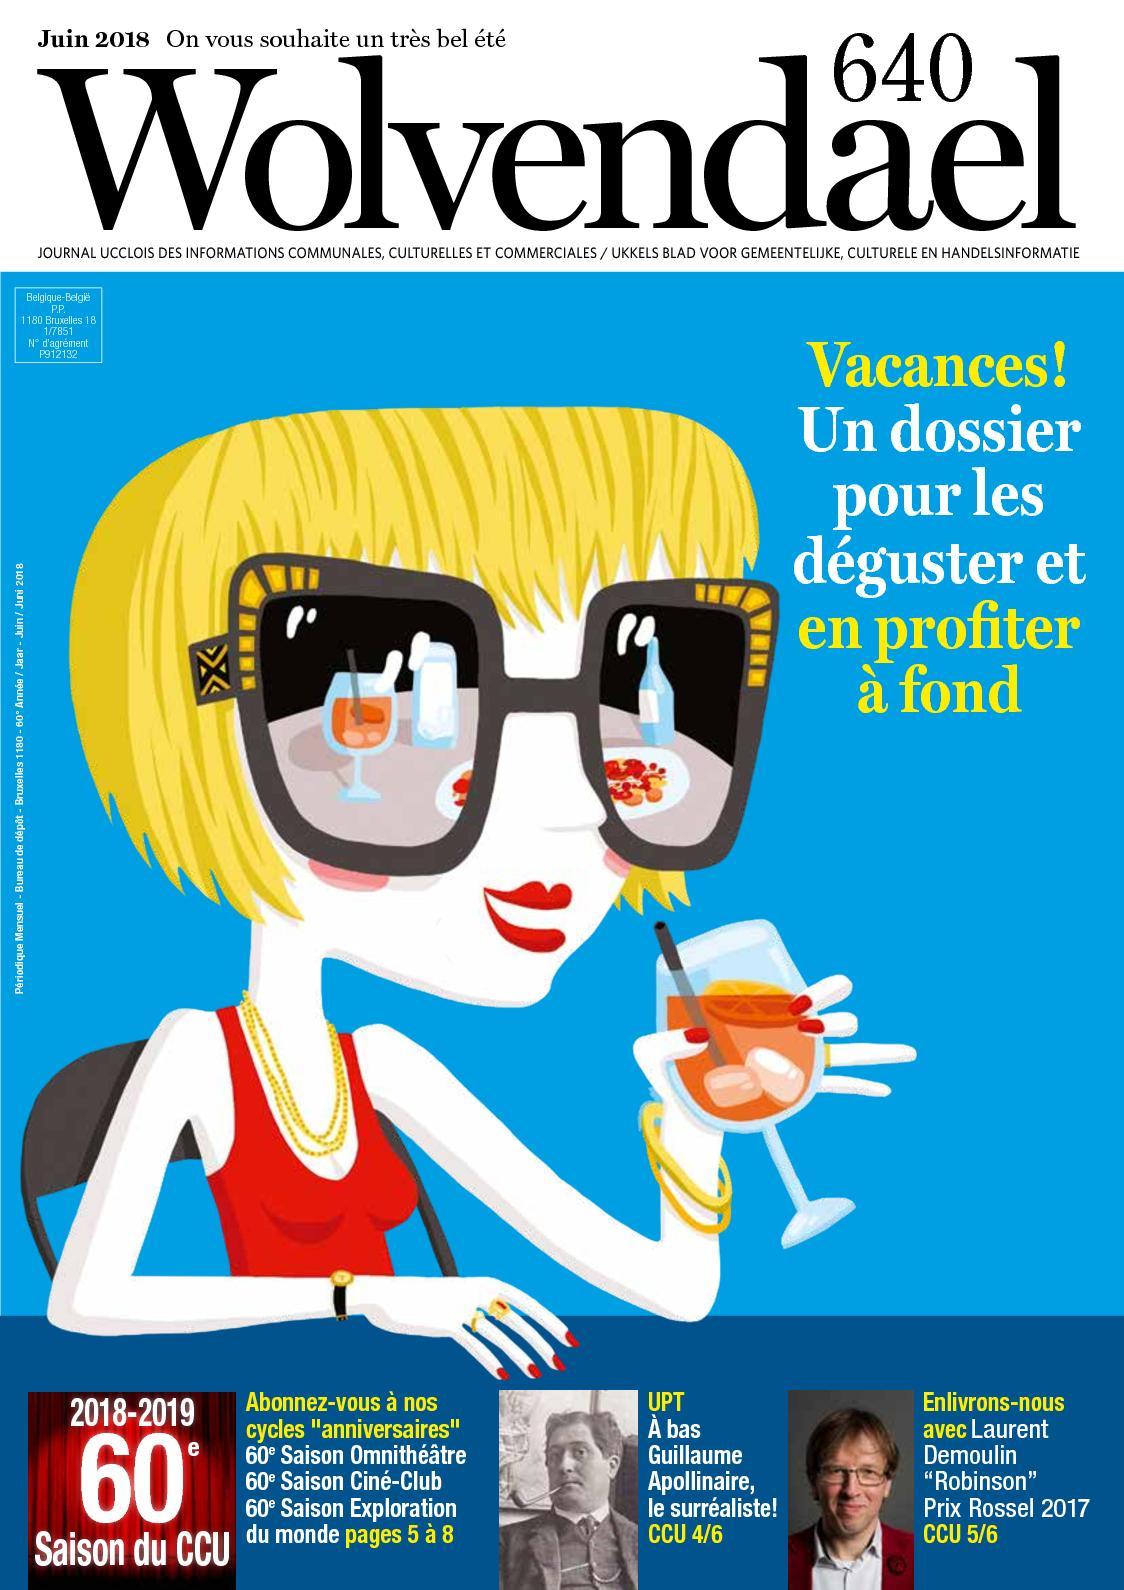 Calaméo - Wolvendael magazine n° 640 juin 2018 b1587bfc6ede